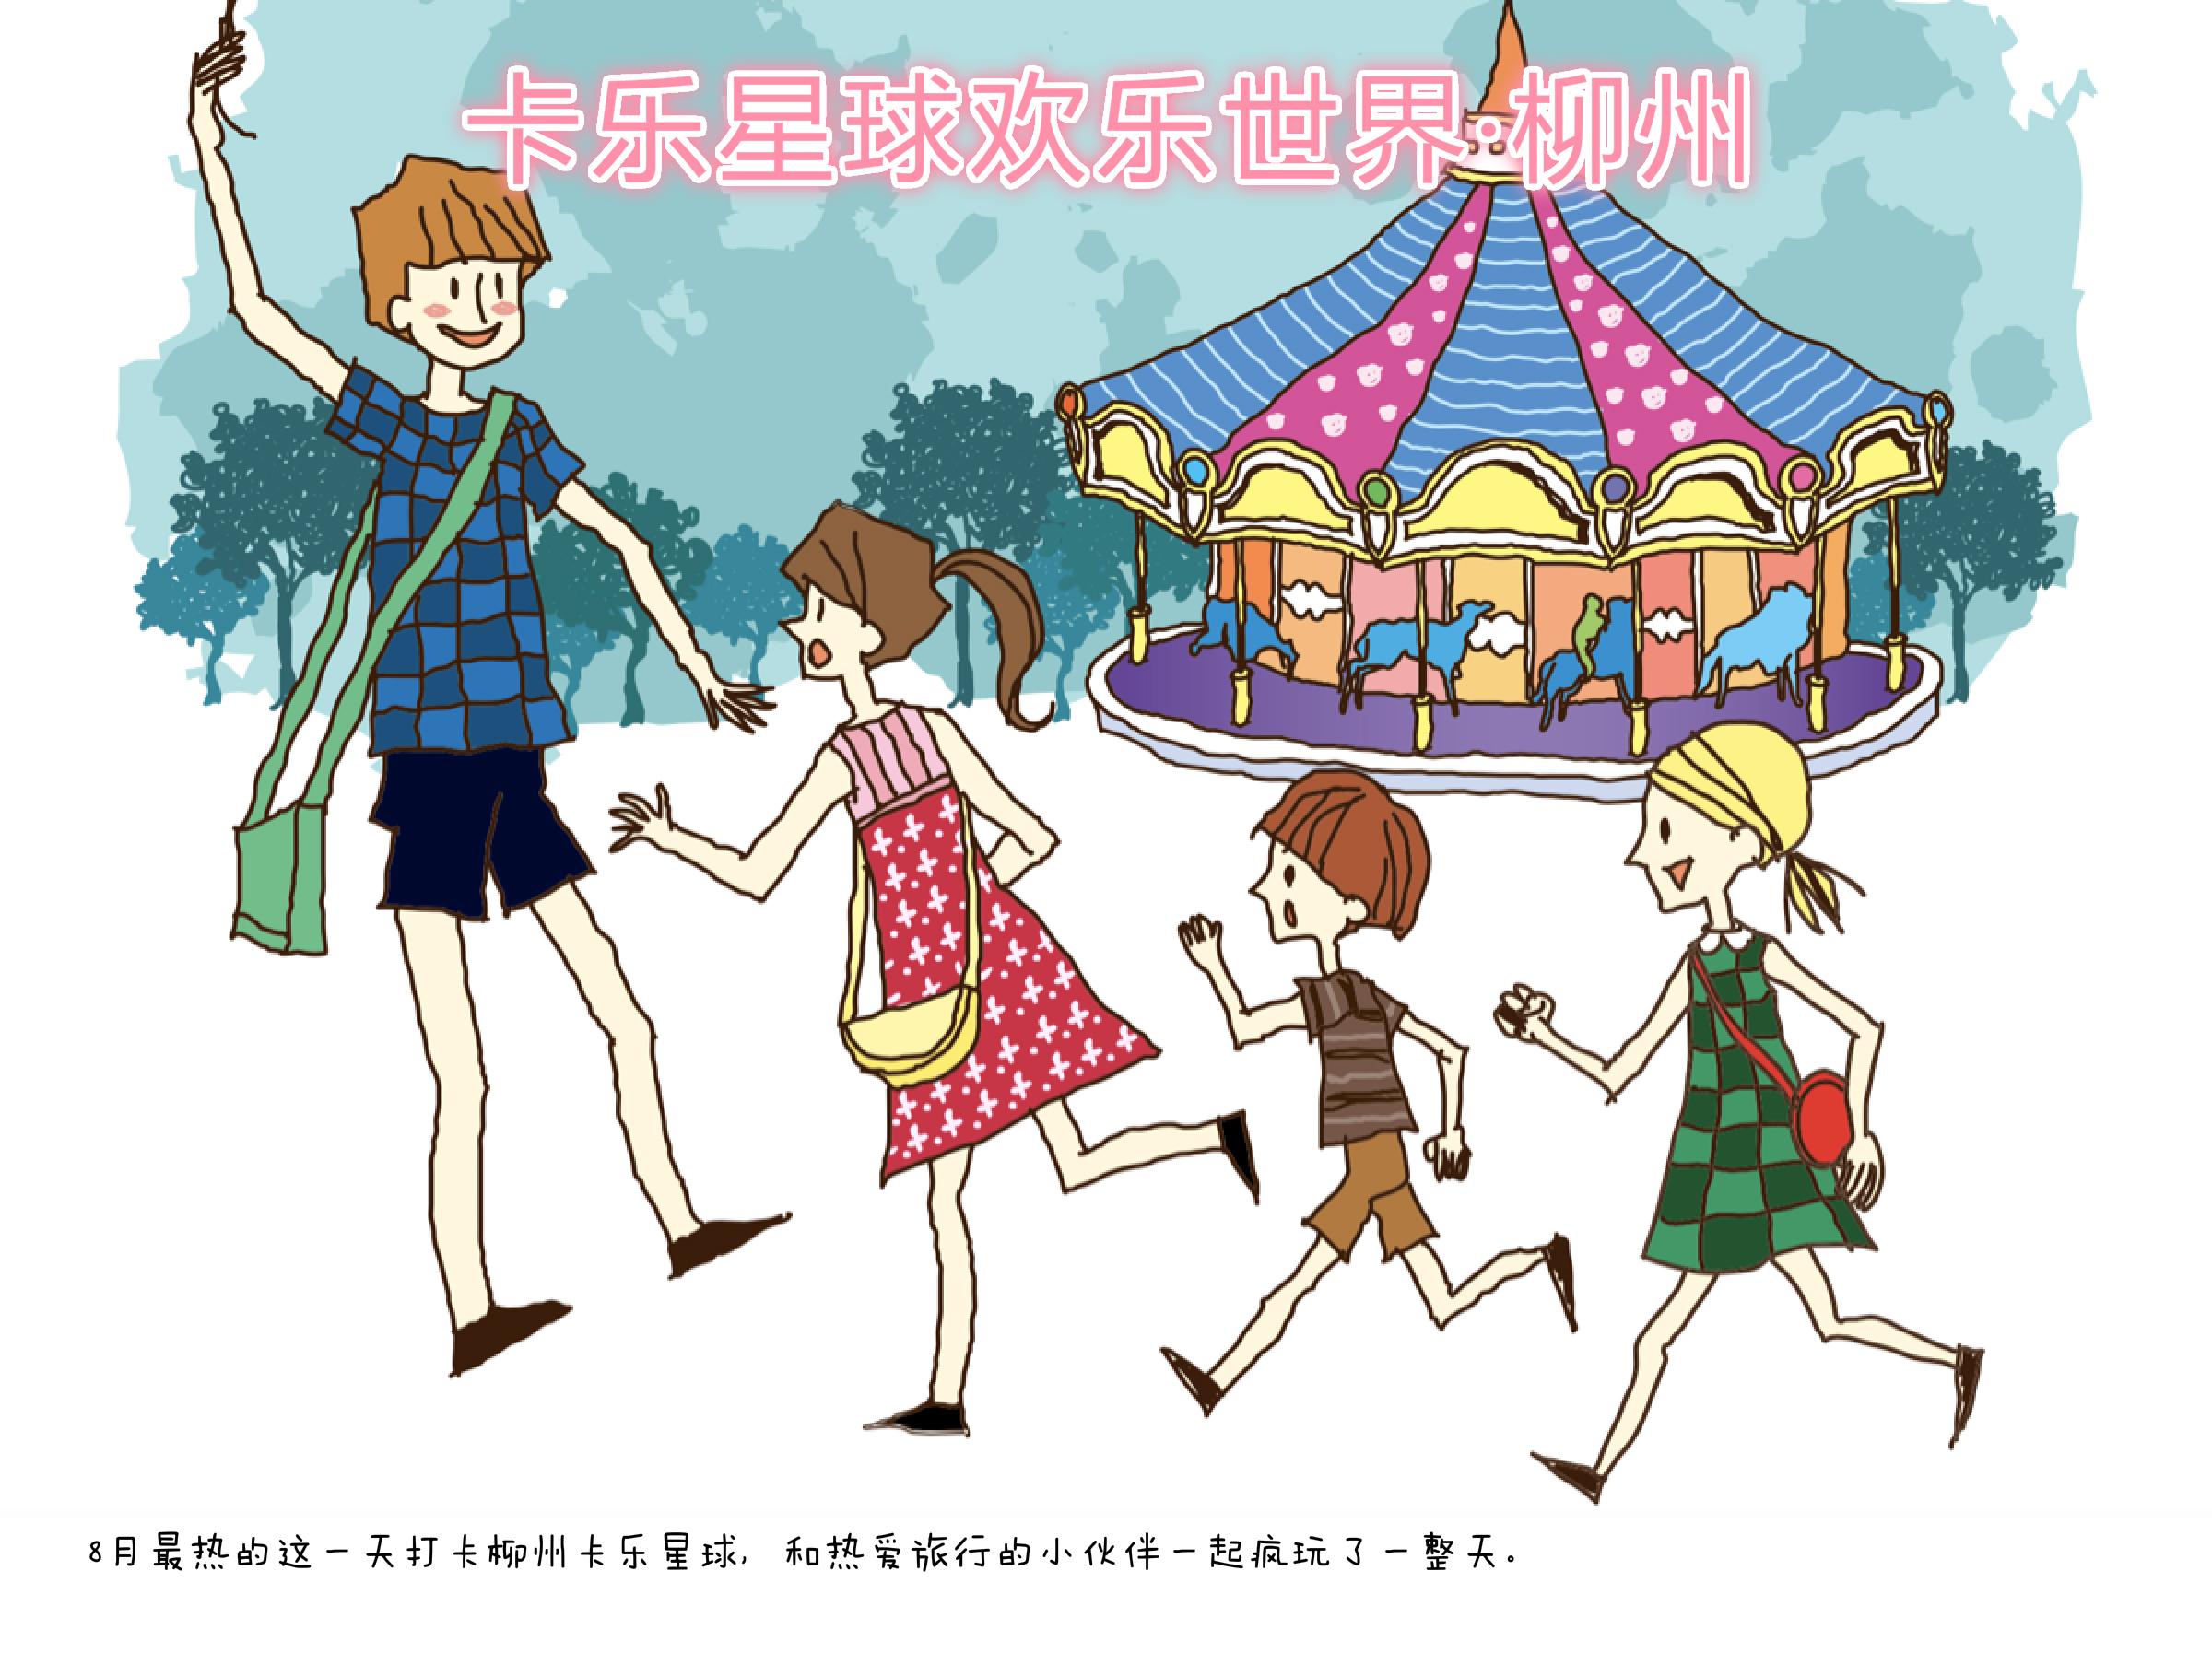 【我的旅行大梦】老夫的少女心呐!去卡乐星球花样过周末!